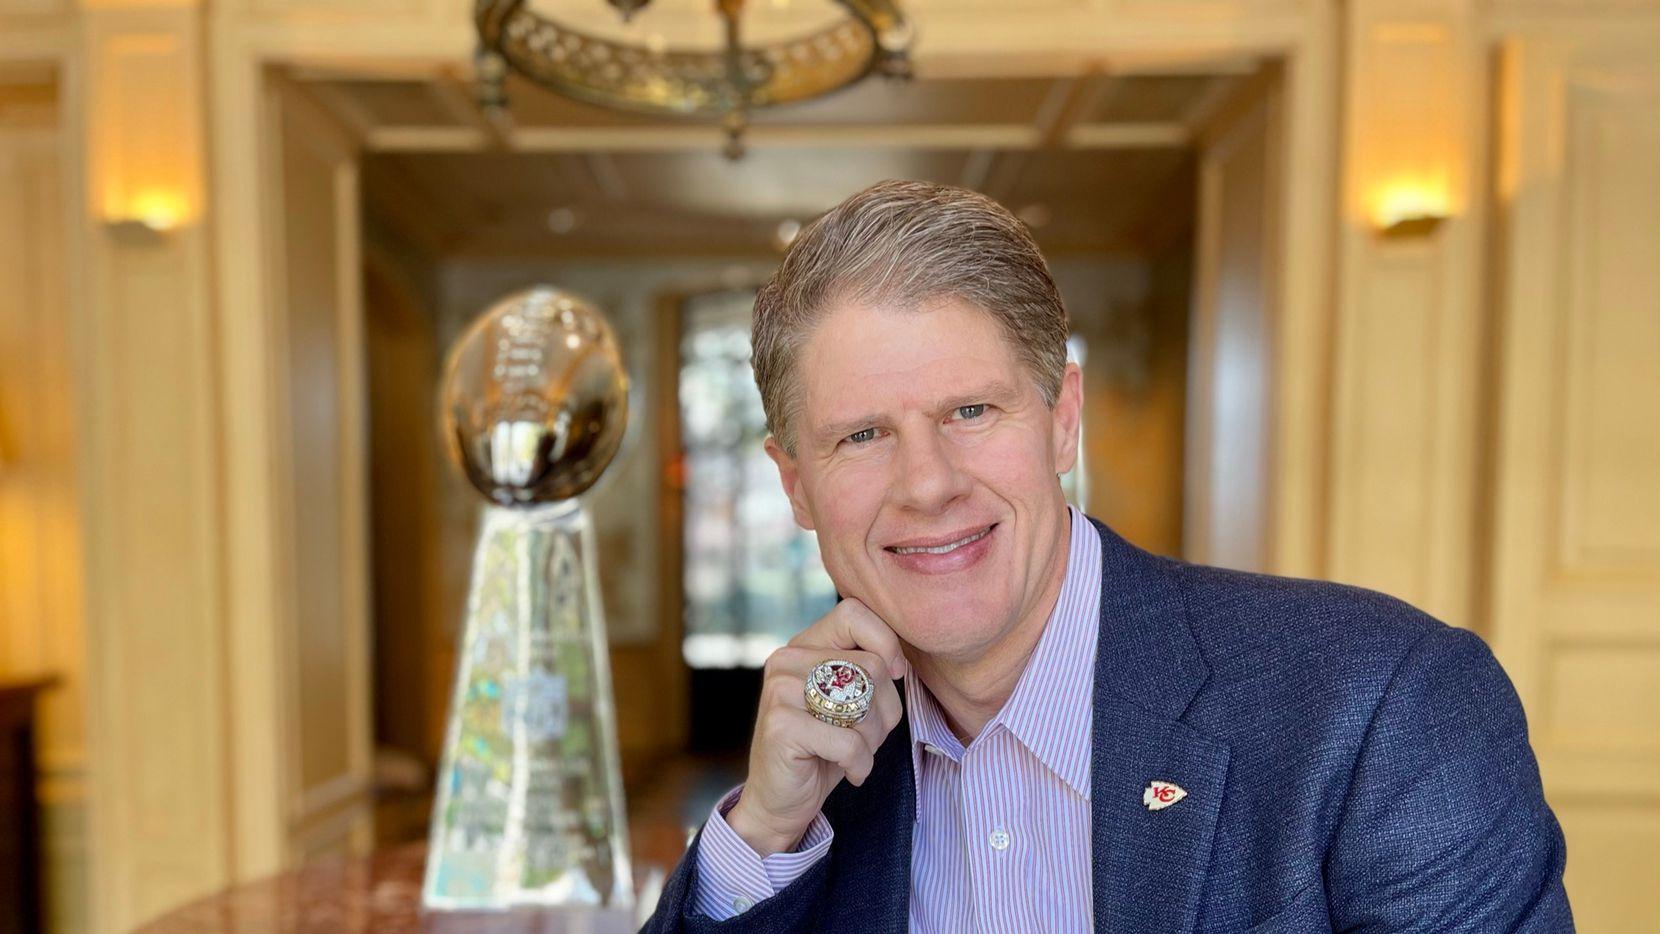 Clark Hunt con su anillo de ganador del Super Bowl de la temporada 2019 em su casa de Highland Park in 2021.